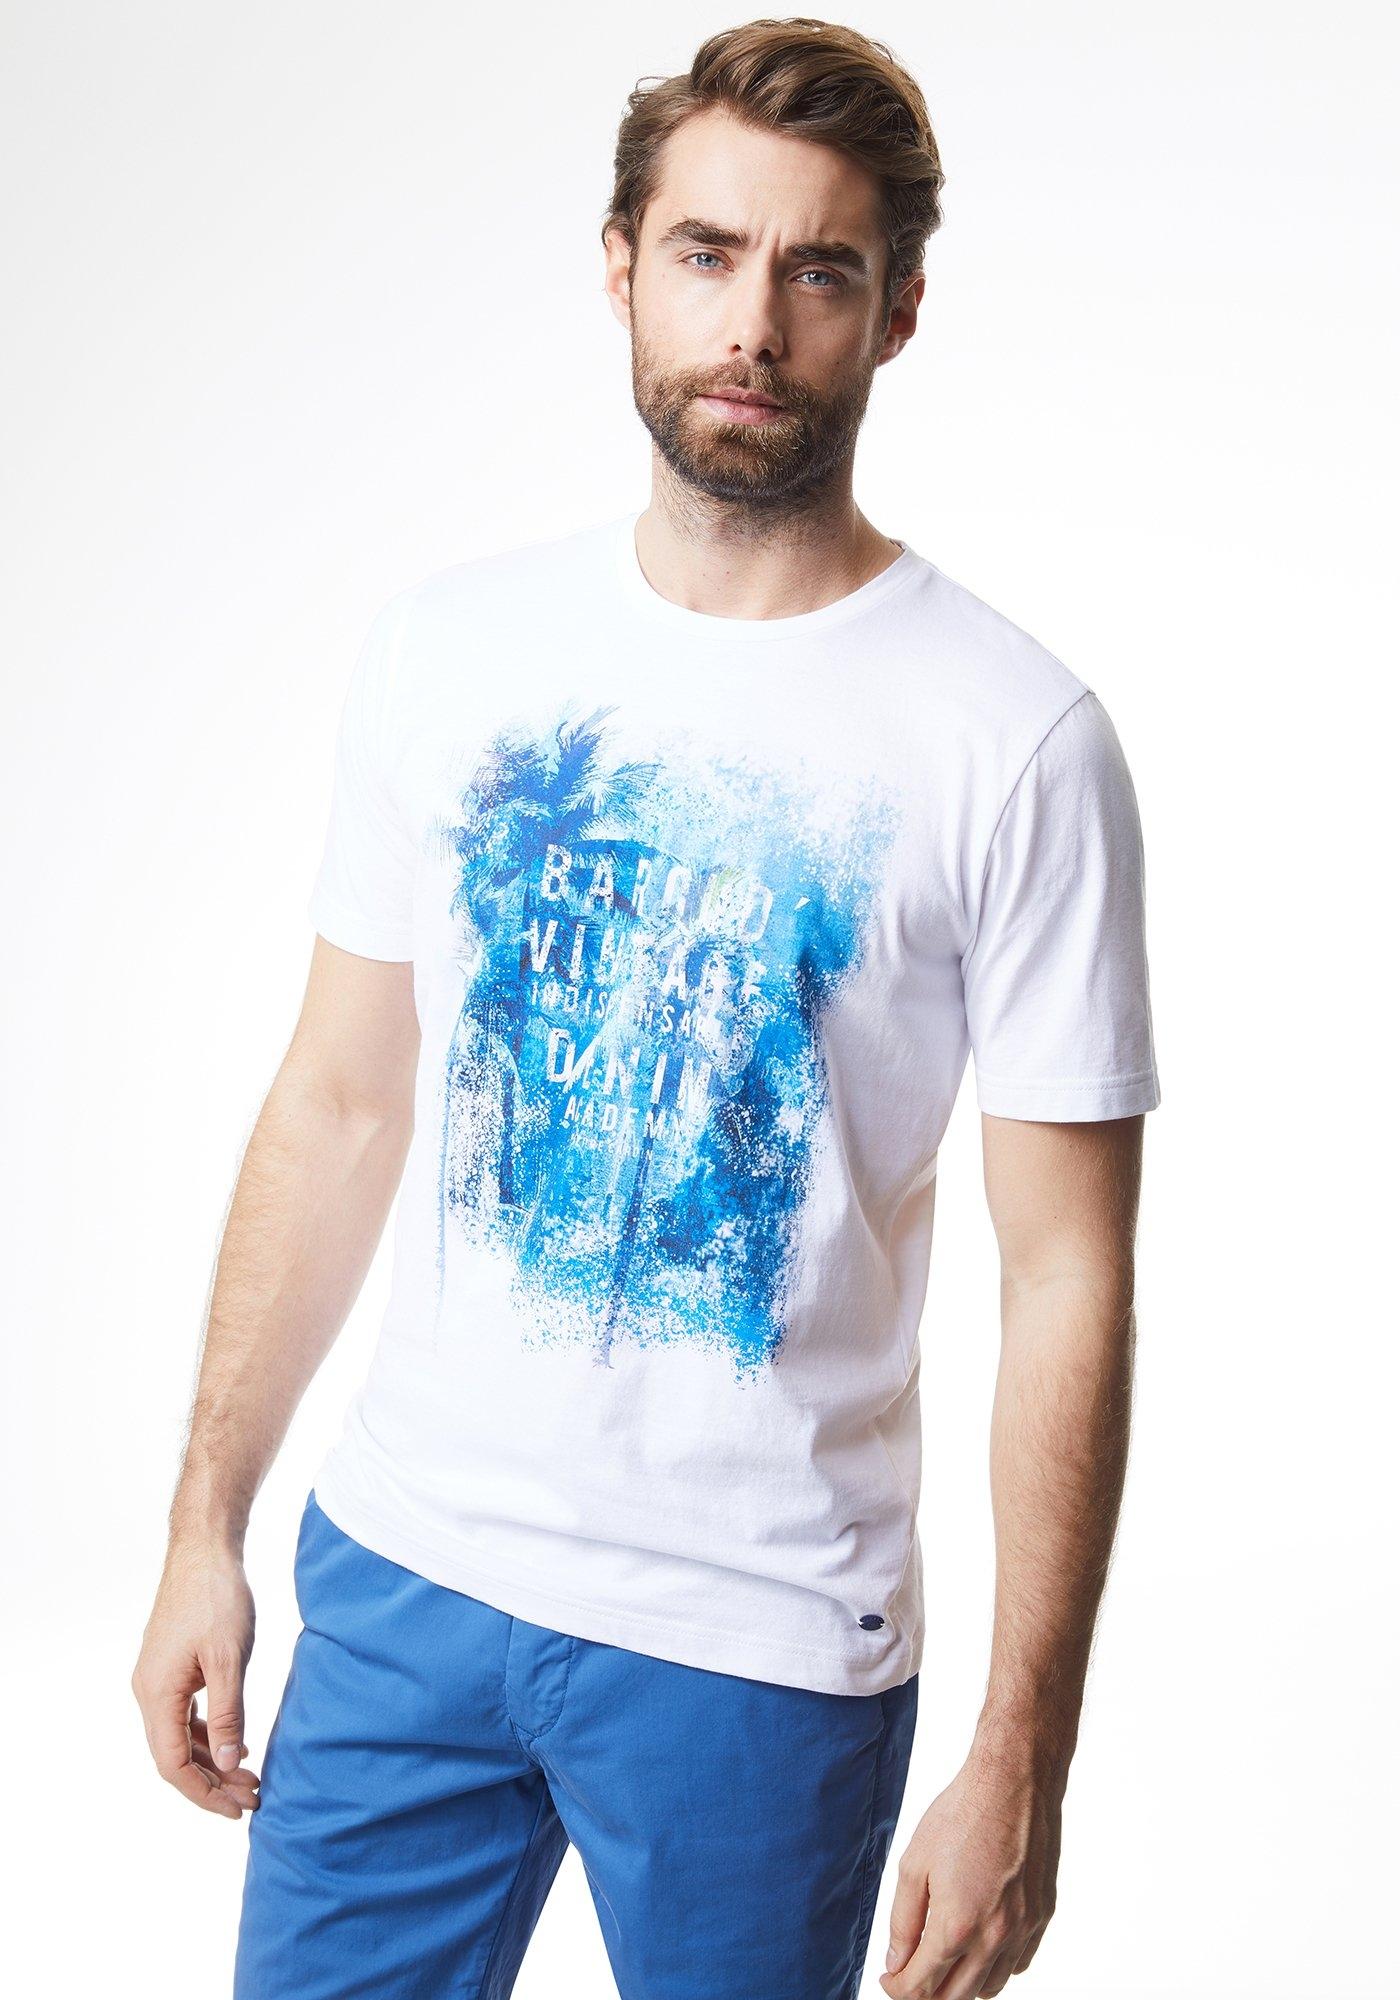 Pierre Cardin T-shirt met ronde hals en palmprint - modern fit bestellen: 14 dagen bedenktijd